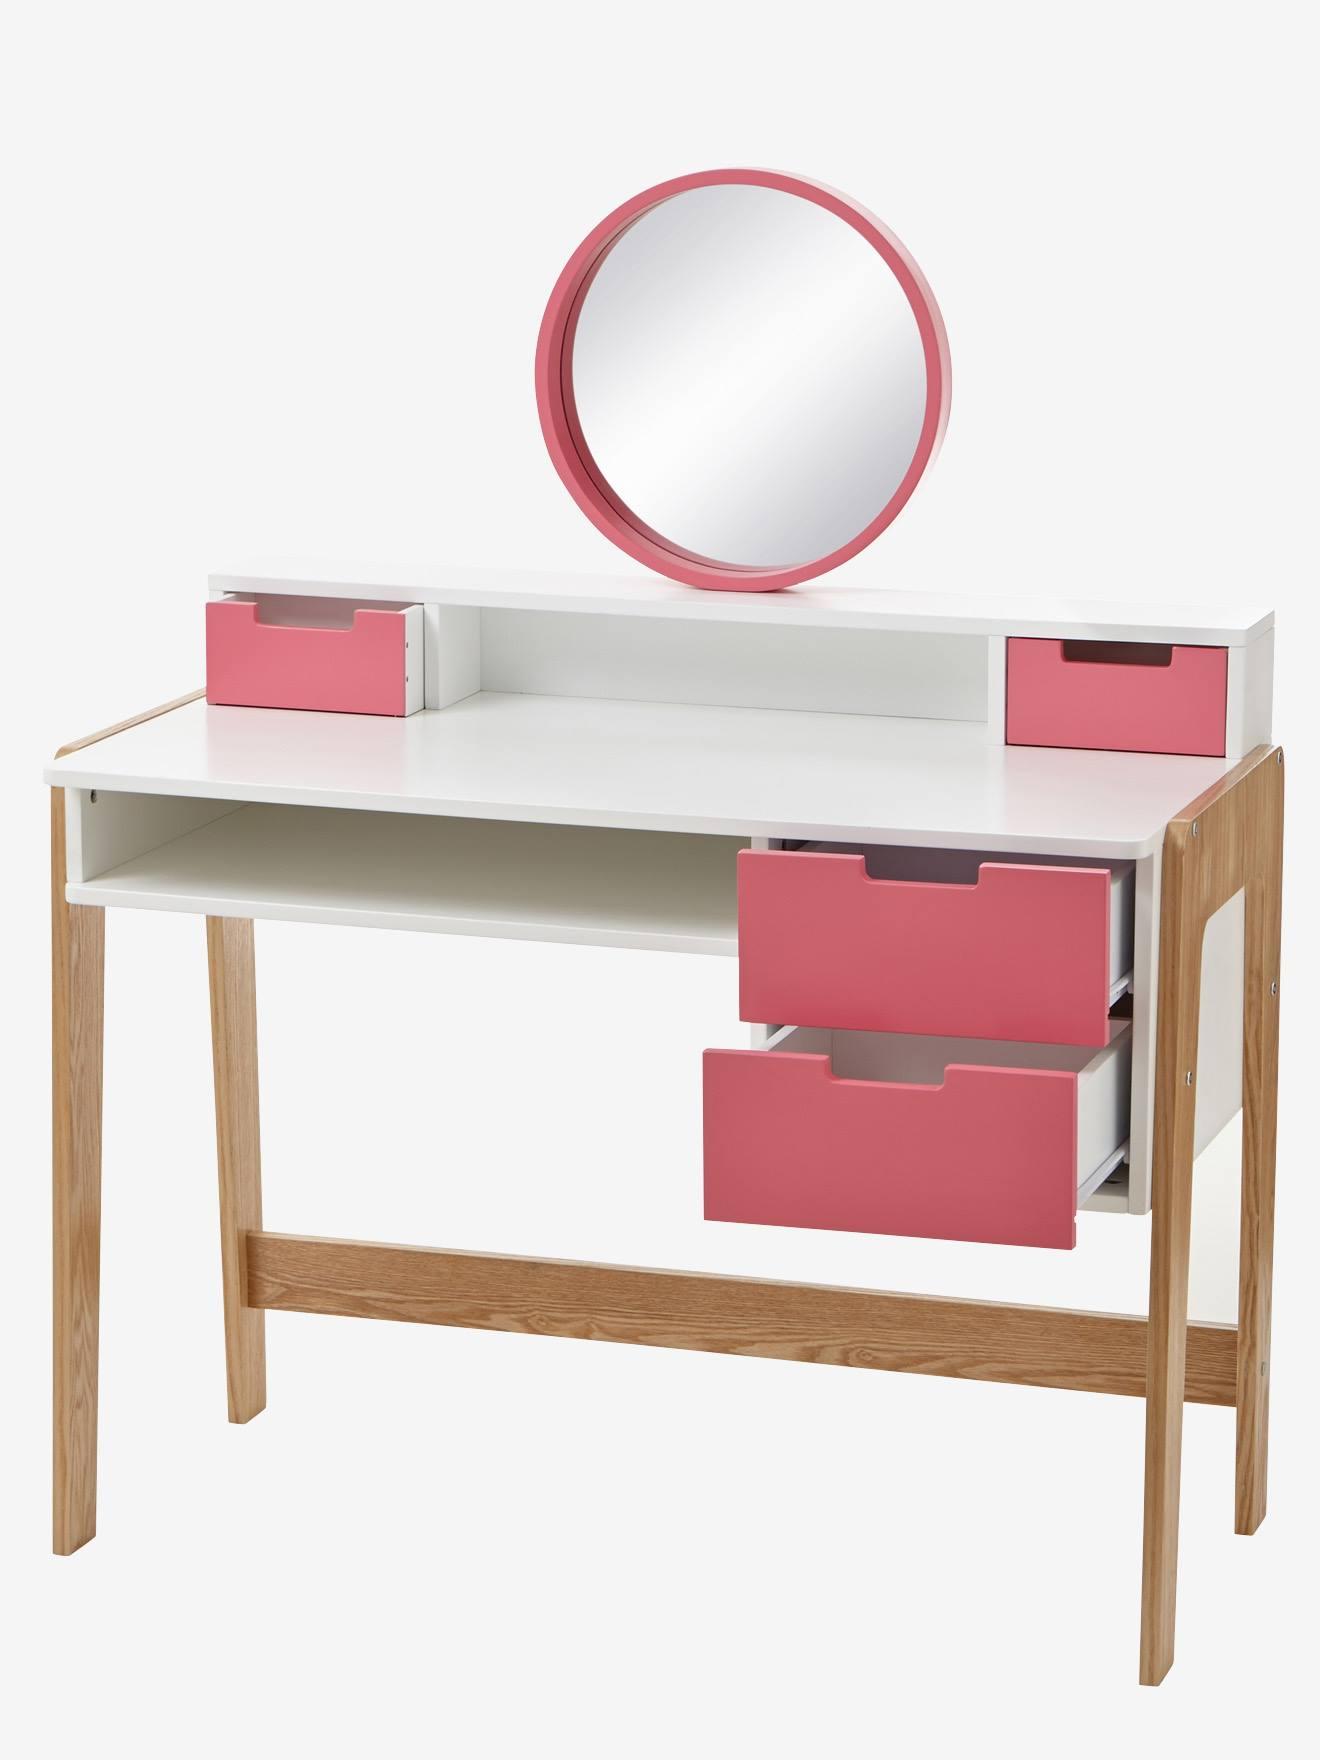 Mädchen Frisier- & Schminktisch, Schreibtisch weiß/rosa/natur von vertbaudet 3611652206091